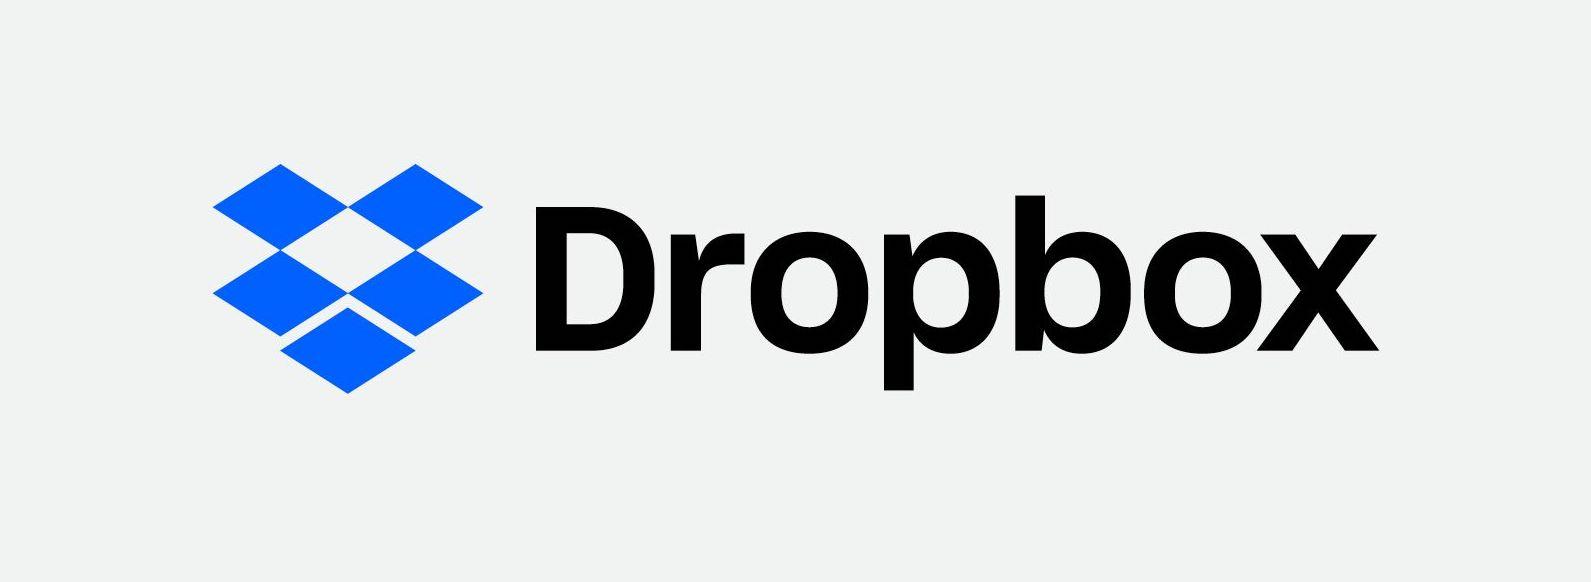 company-culture-examples-dropbox